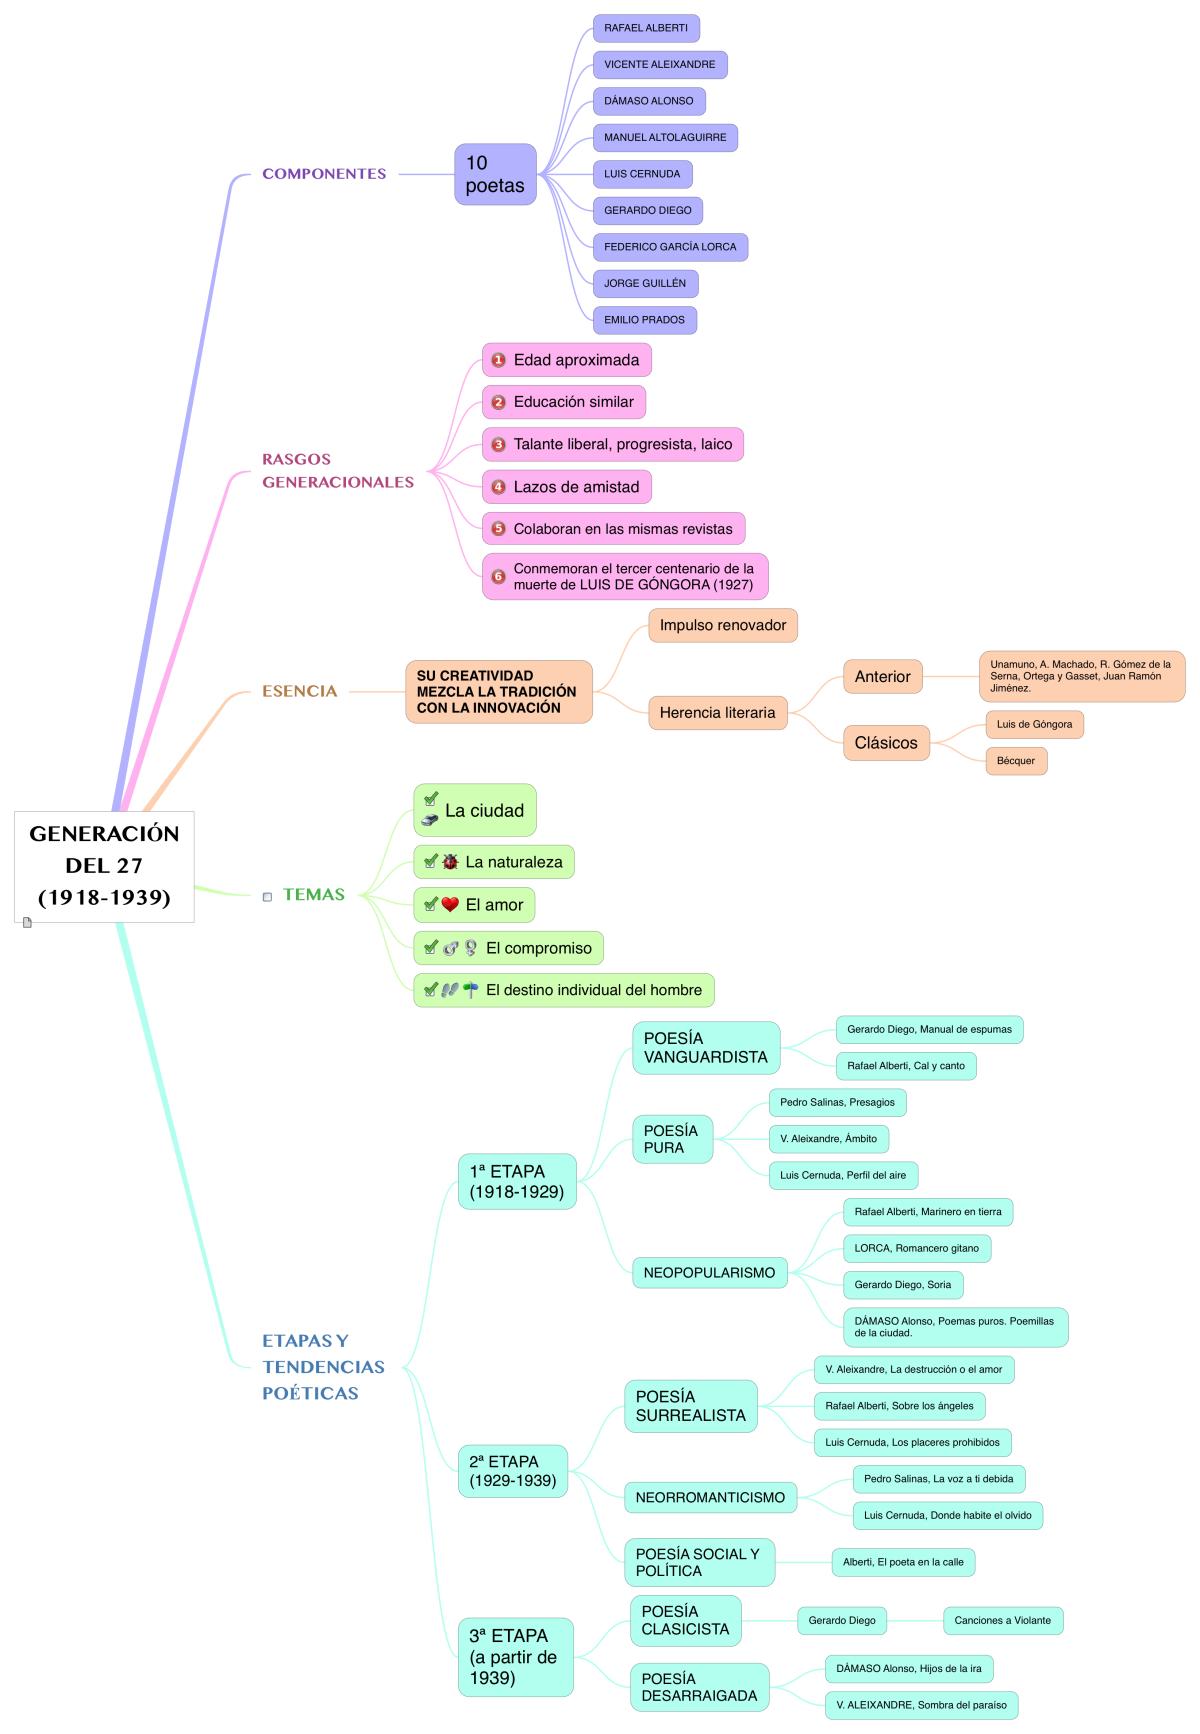 Mapa conceptual: Generación del27